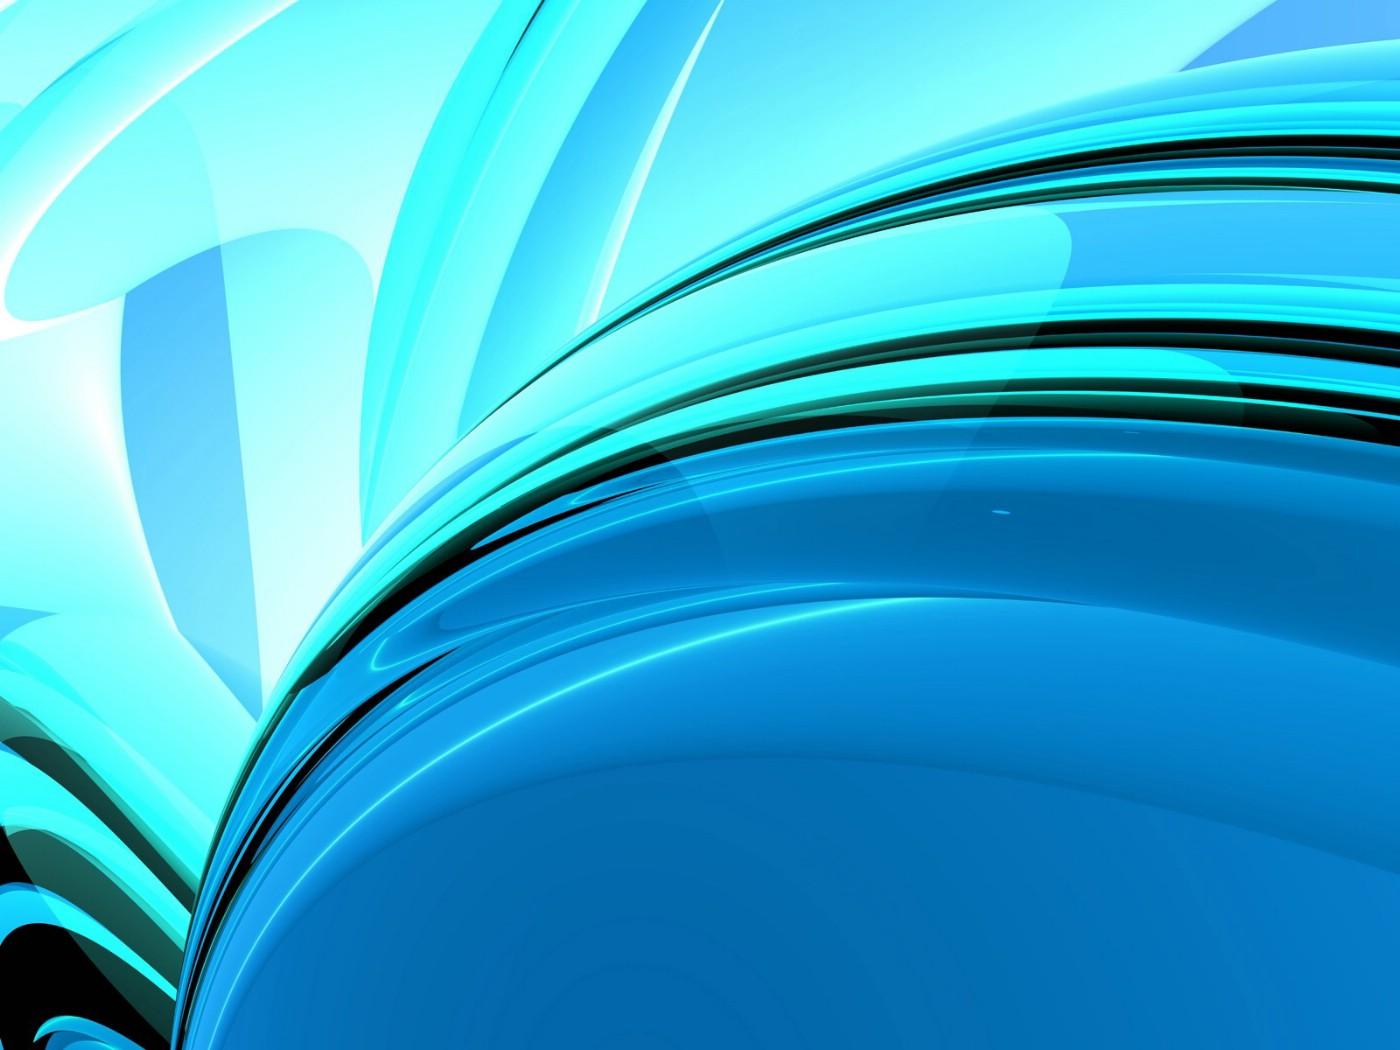 壁纸1400×1050蓝色系 抽象蓝色CG壁纸 1920 1200壁纸 蓝色系蓝调主题抽象CG背景壁纸图片插画壁纸插画图片素材桌面壁纸